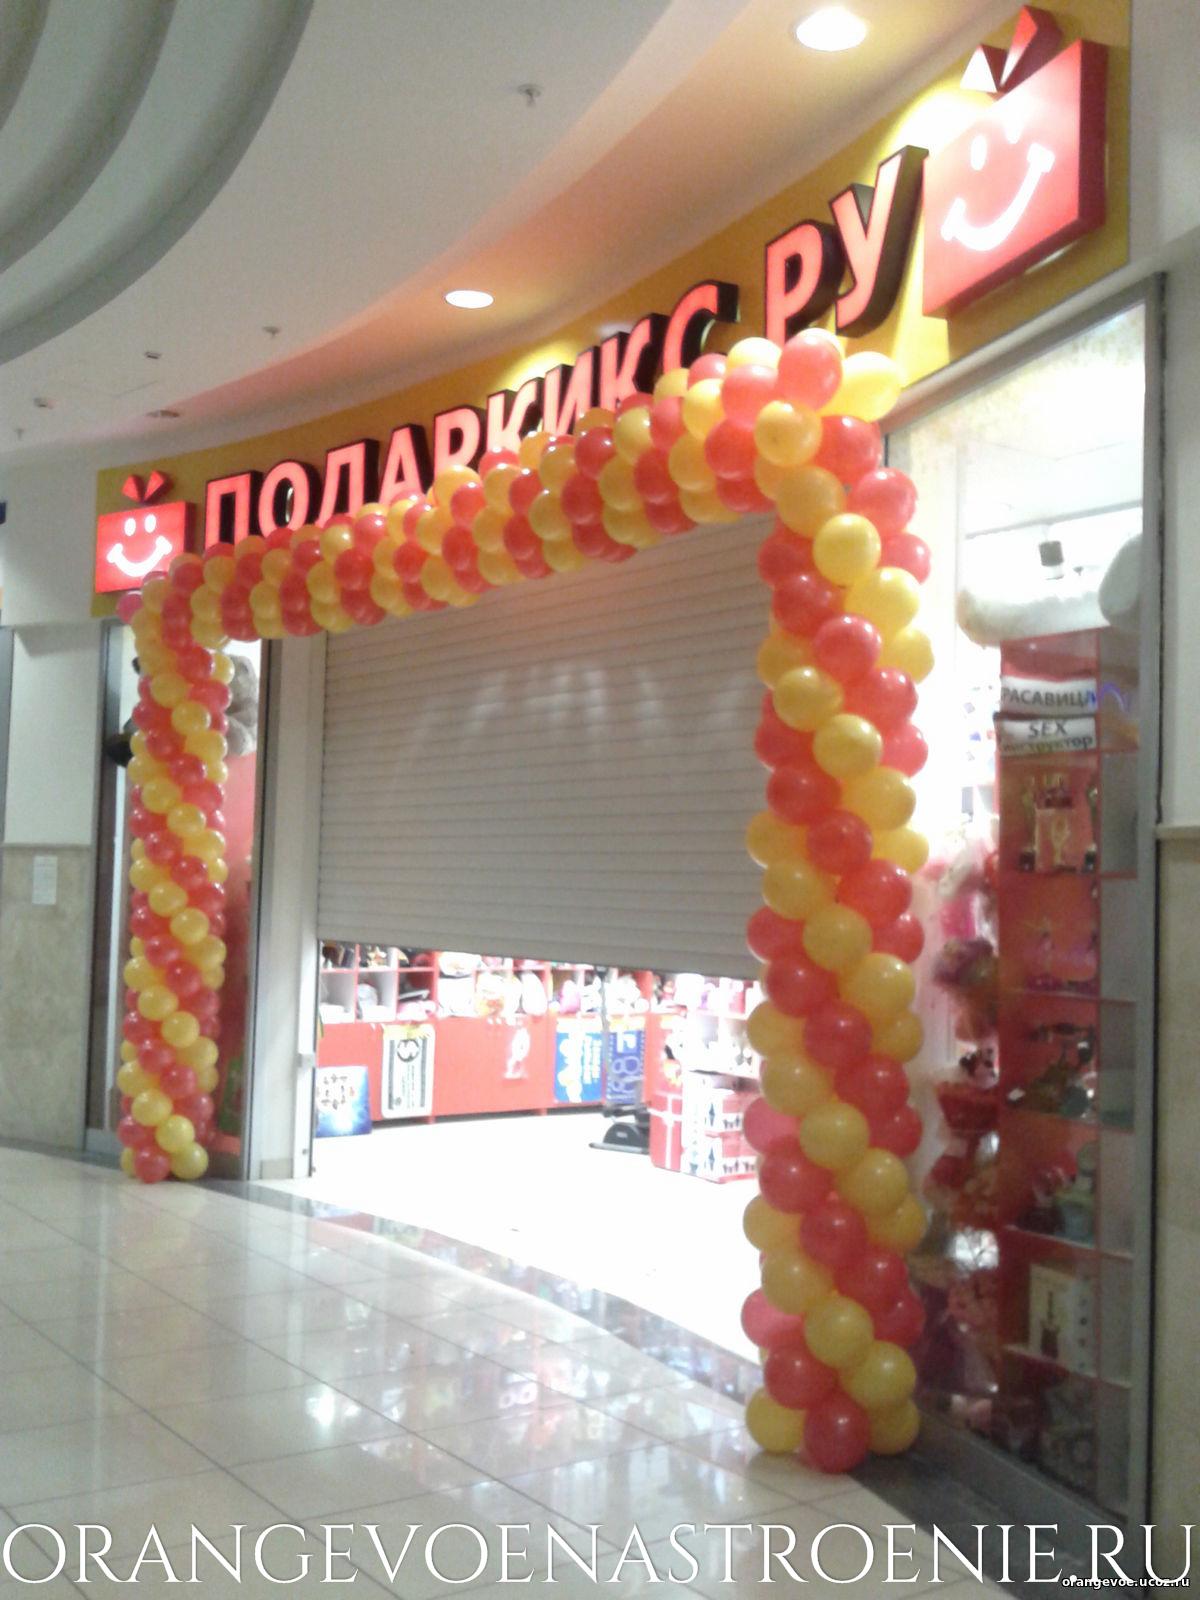 """Оформление магазина """"Подаркикс.Ру"""" шарами в Самаре. @orangenastroenie"""